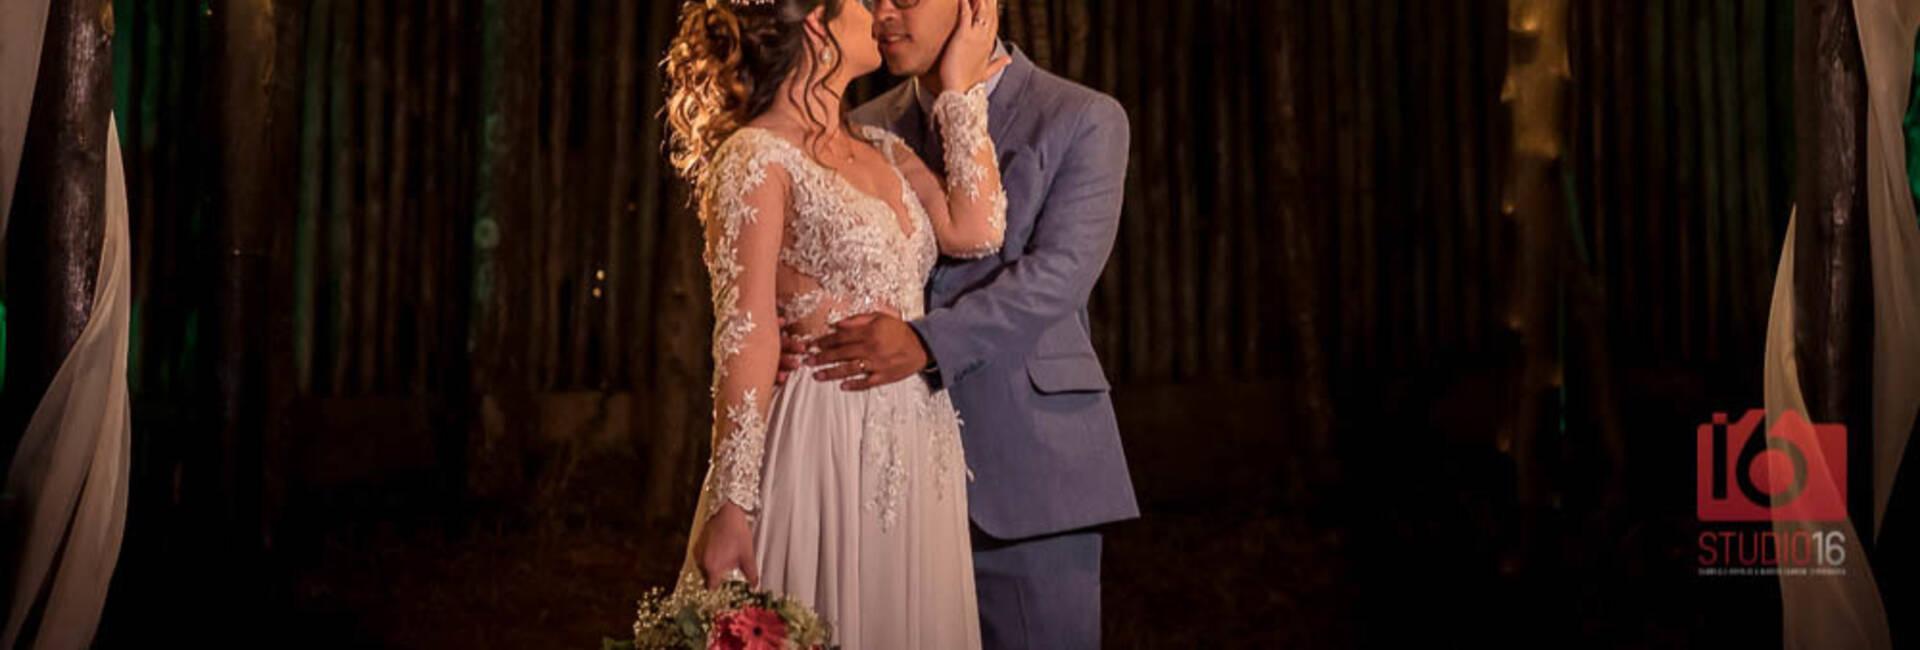 CASAMENTO de Juliana e Eraldo Jr.